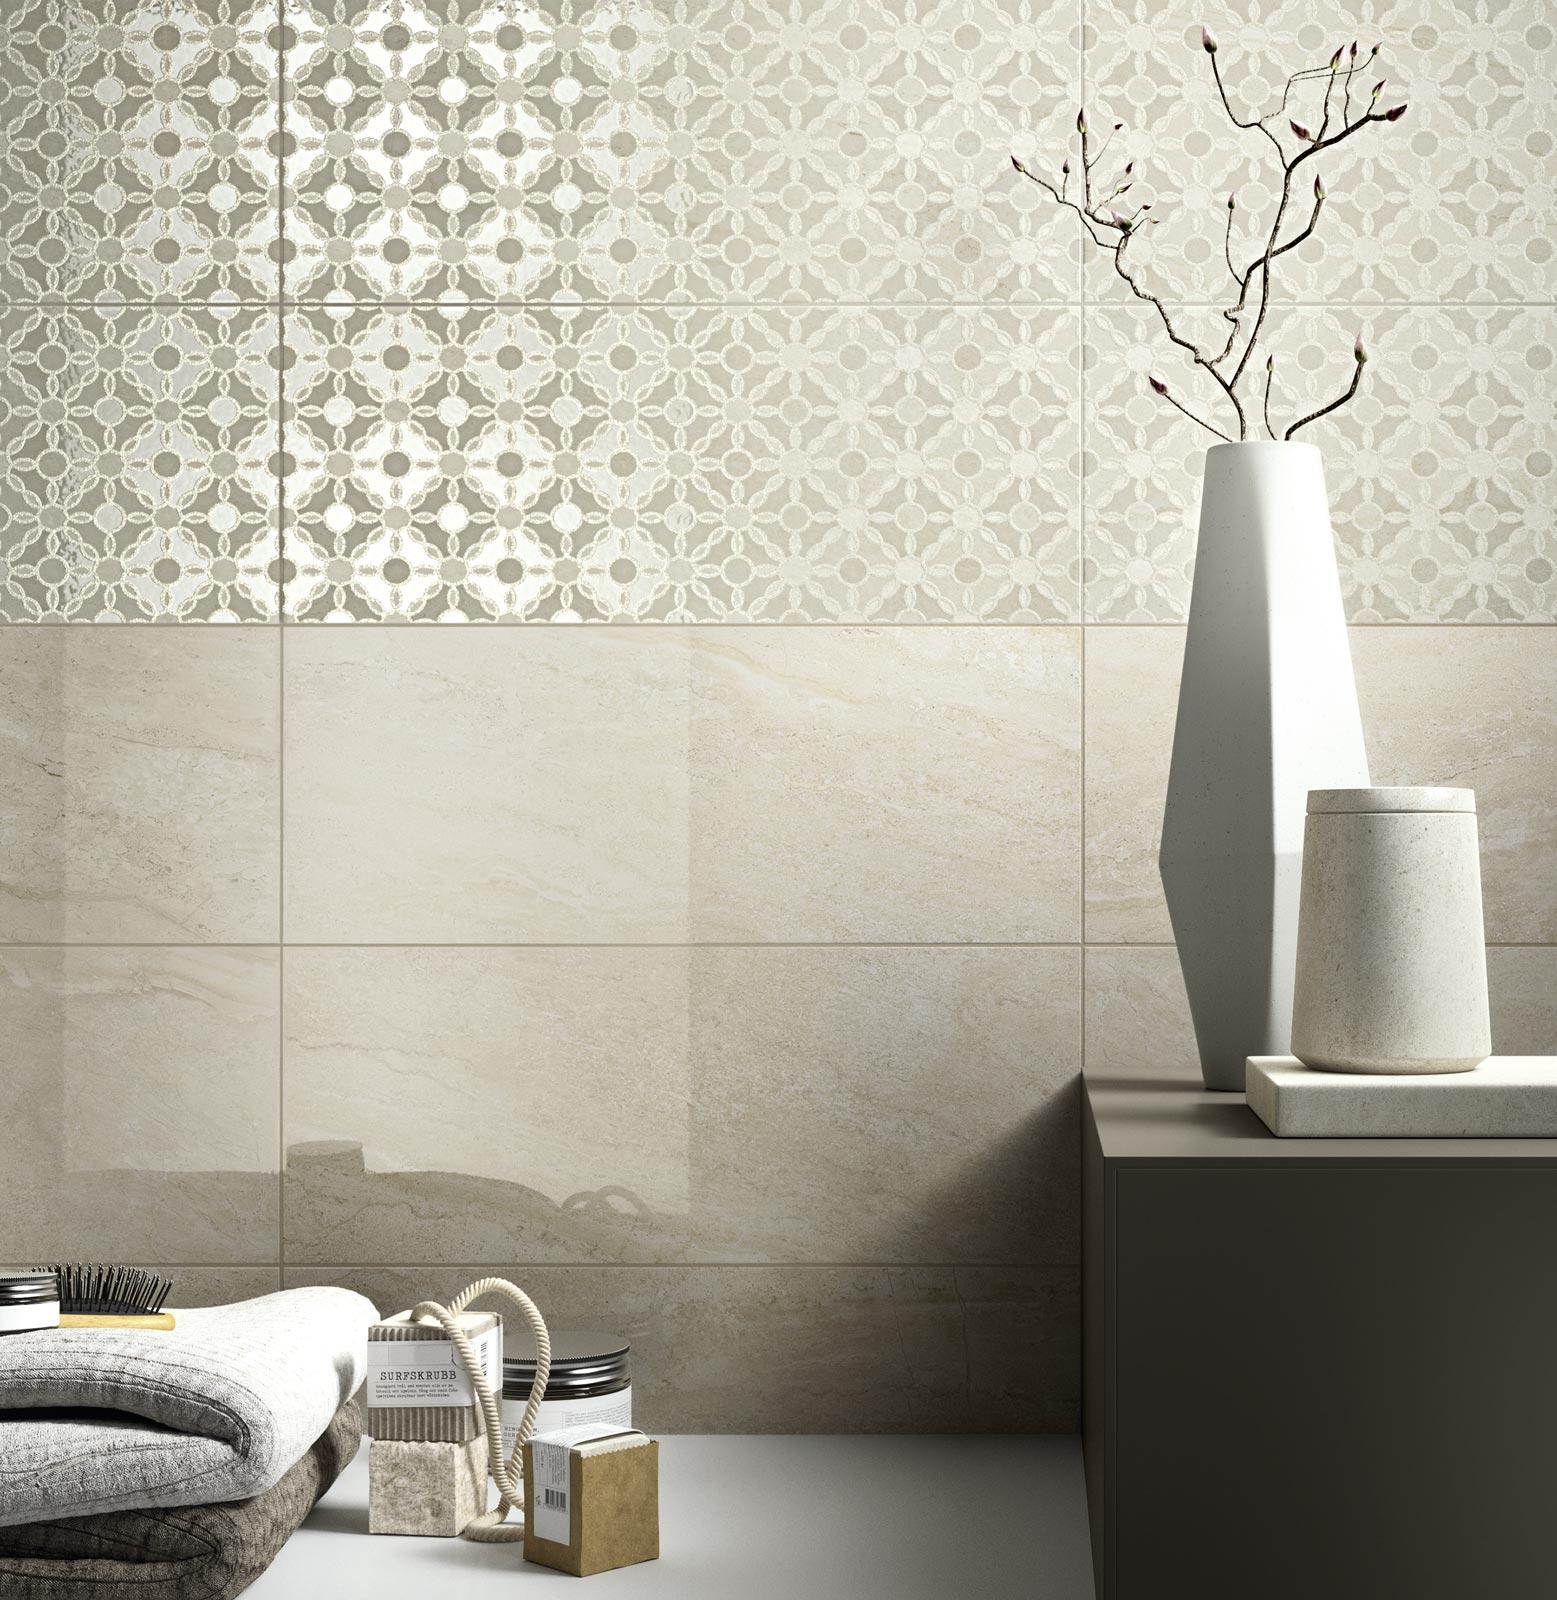 Collezione grace piastrelle in ceramica per il tuo bagno for Piastrelle bagno mosaico grigio